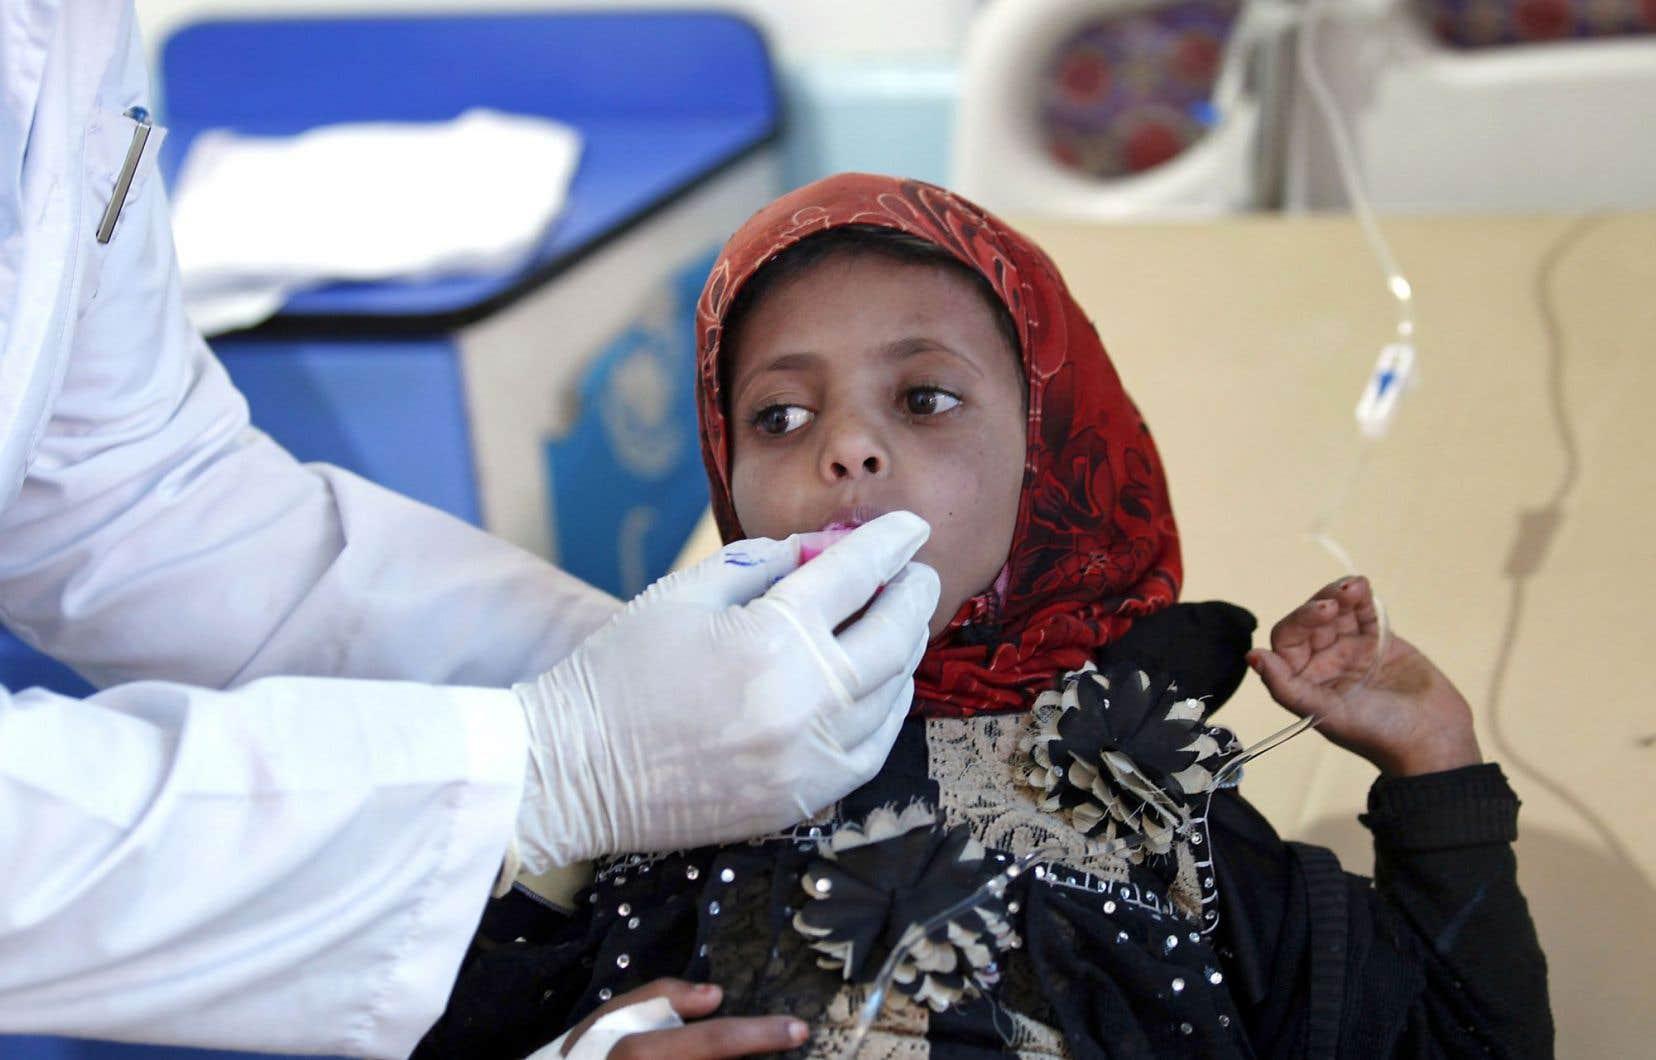 Un enfant yéménite soupçonné d'être infecté reçoit un traitement dans un hôpital de Sanaa.